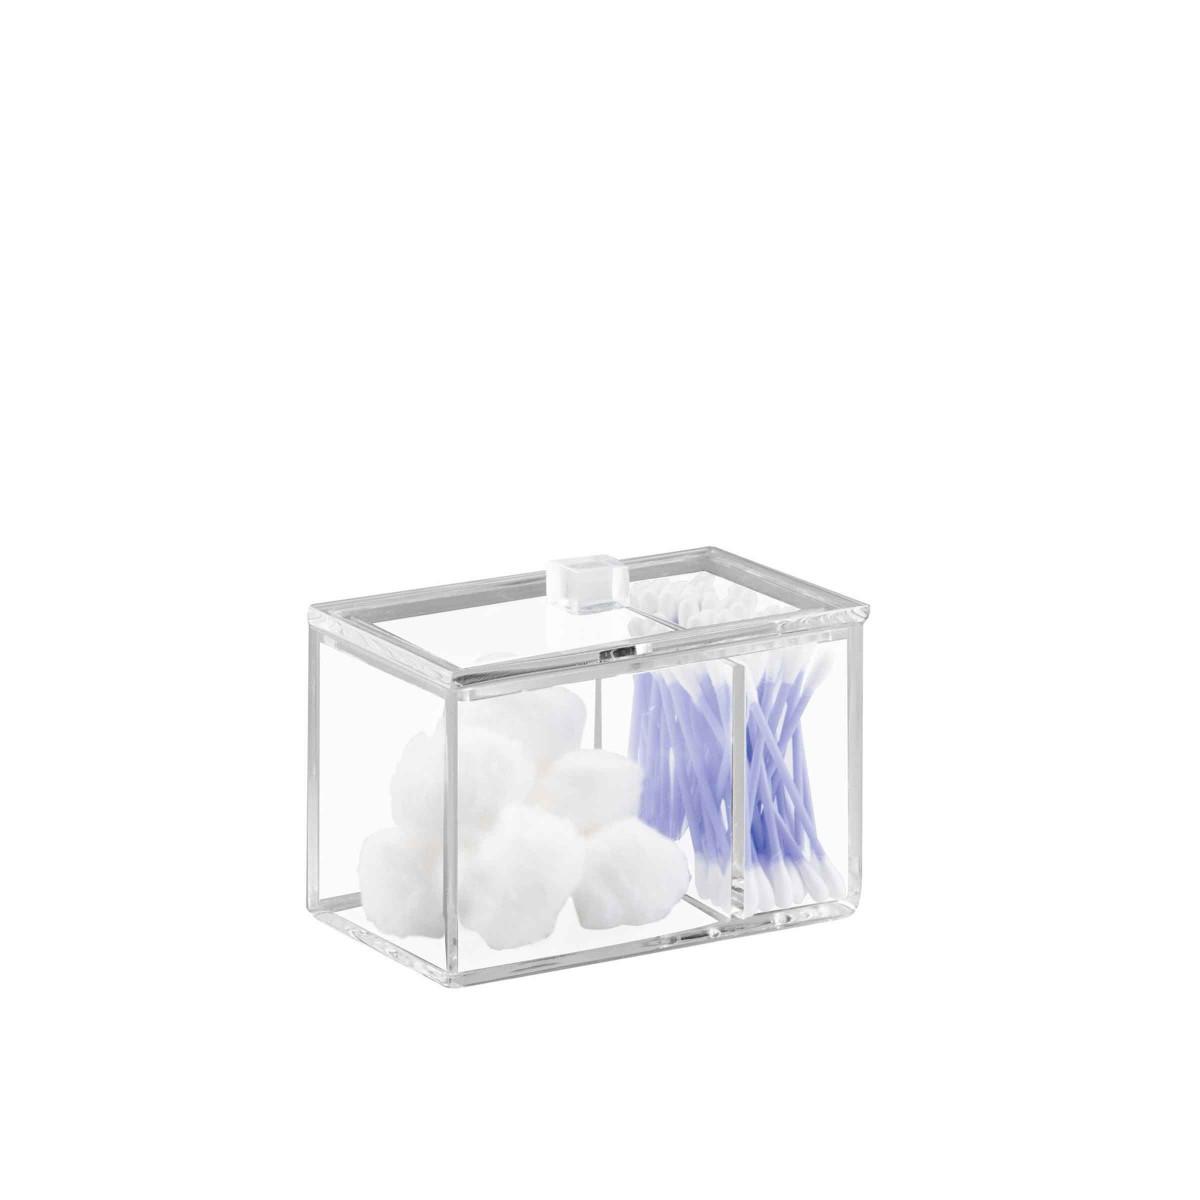 bo te rectangulaire coton et coton tiges transparente. Black Bedroom Furniture Sets. Home Design Ideas